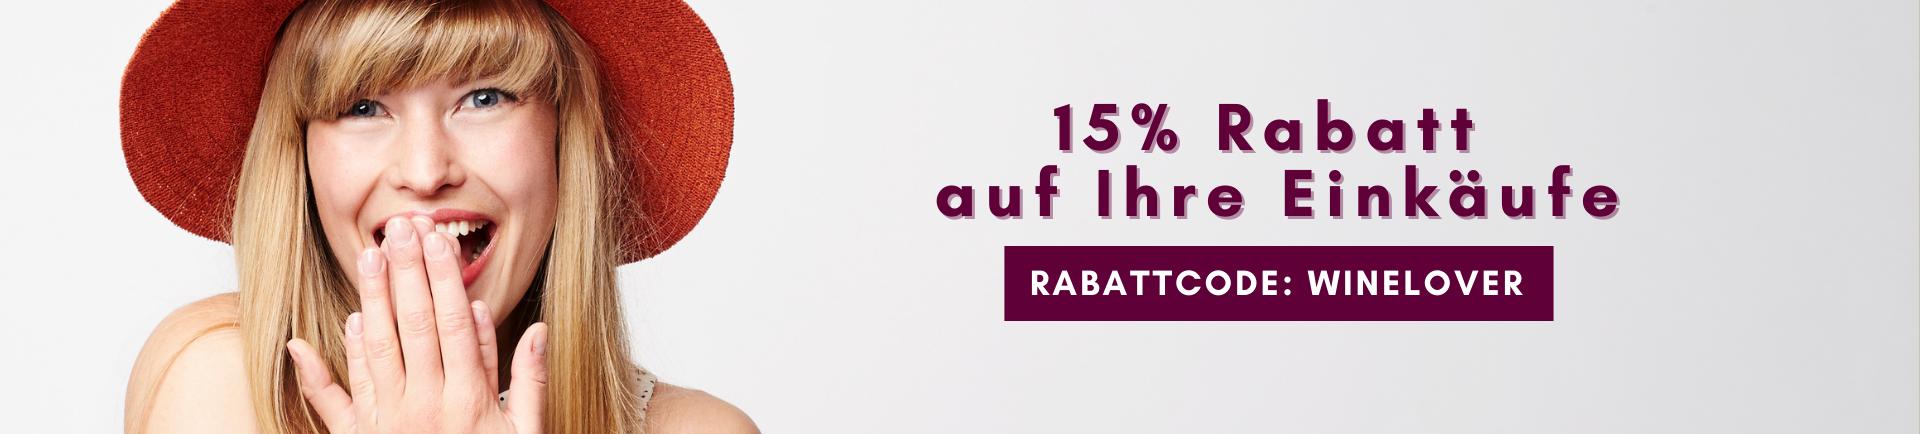 15-Rabatte-Tommasone